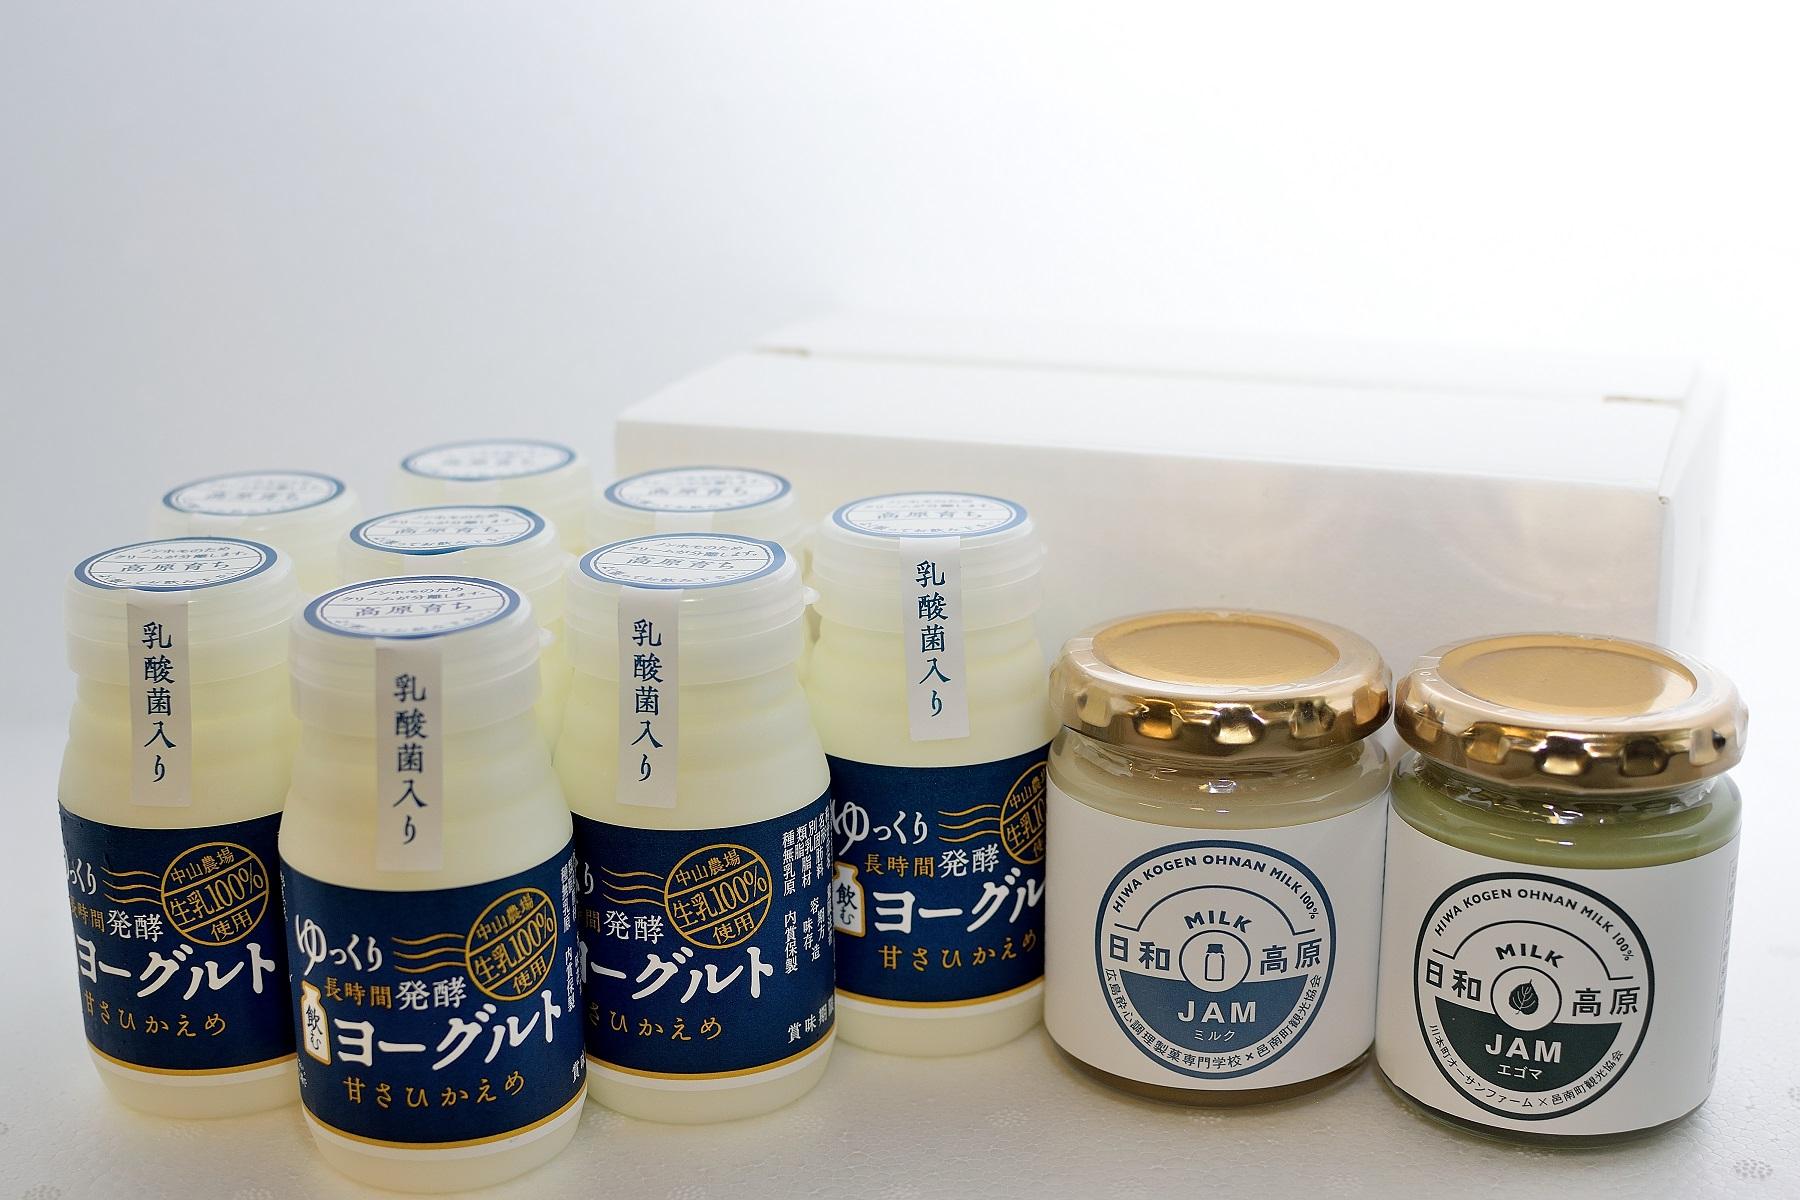 【中山農場&日和高原生乳】 朝食セット(のむヨーグルト+ミルクジャム)画像